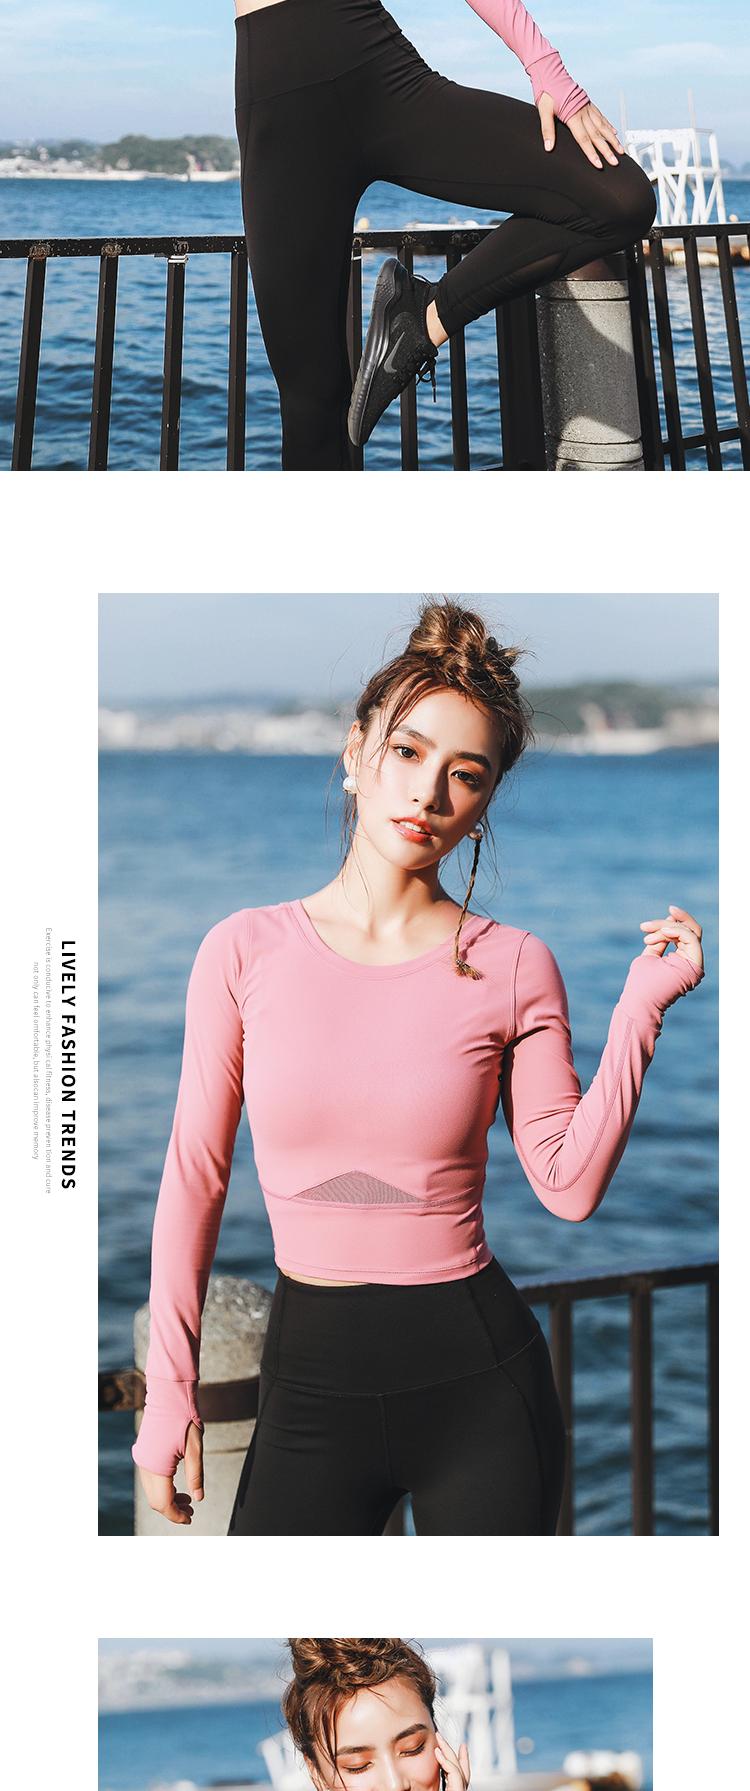 暴走的萝莉旗舰店暴走的萝莉 压缩运动长袖速干美背瑜伽女健身罩衫训练紧身上衣t恤